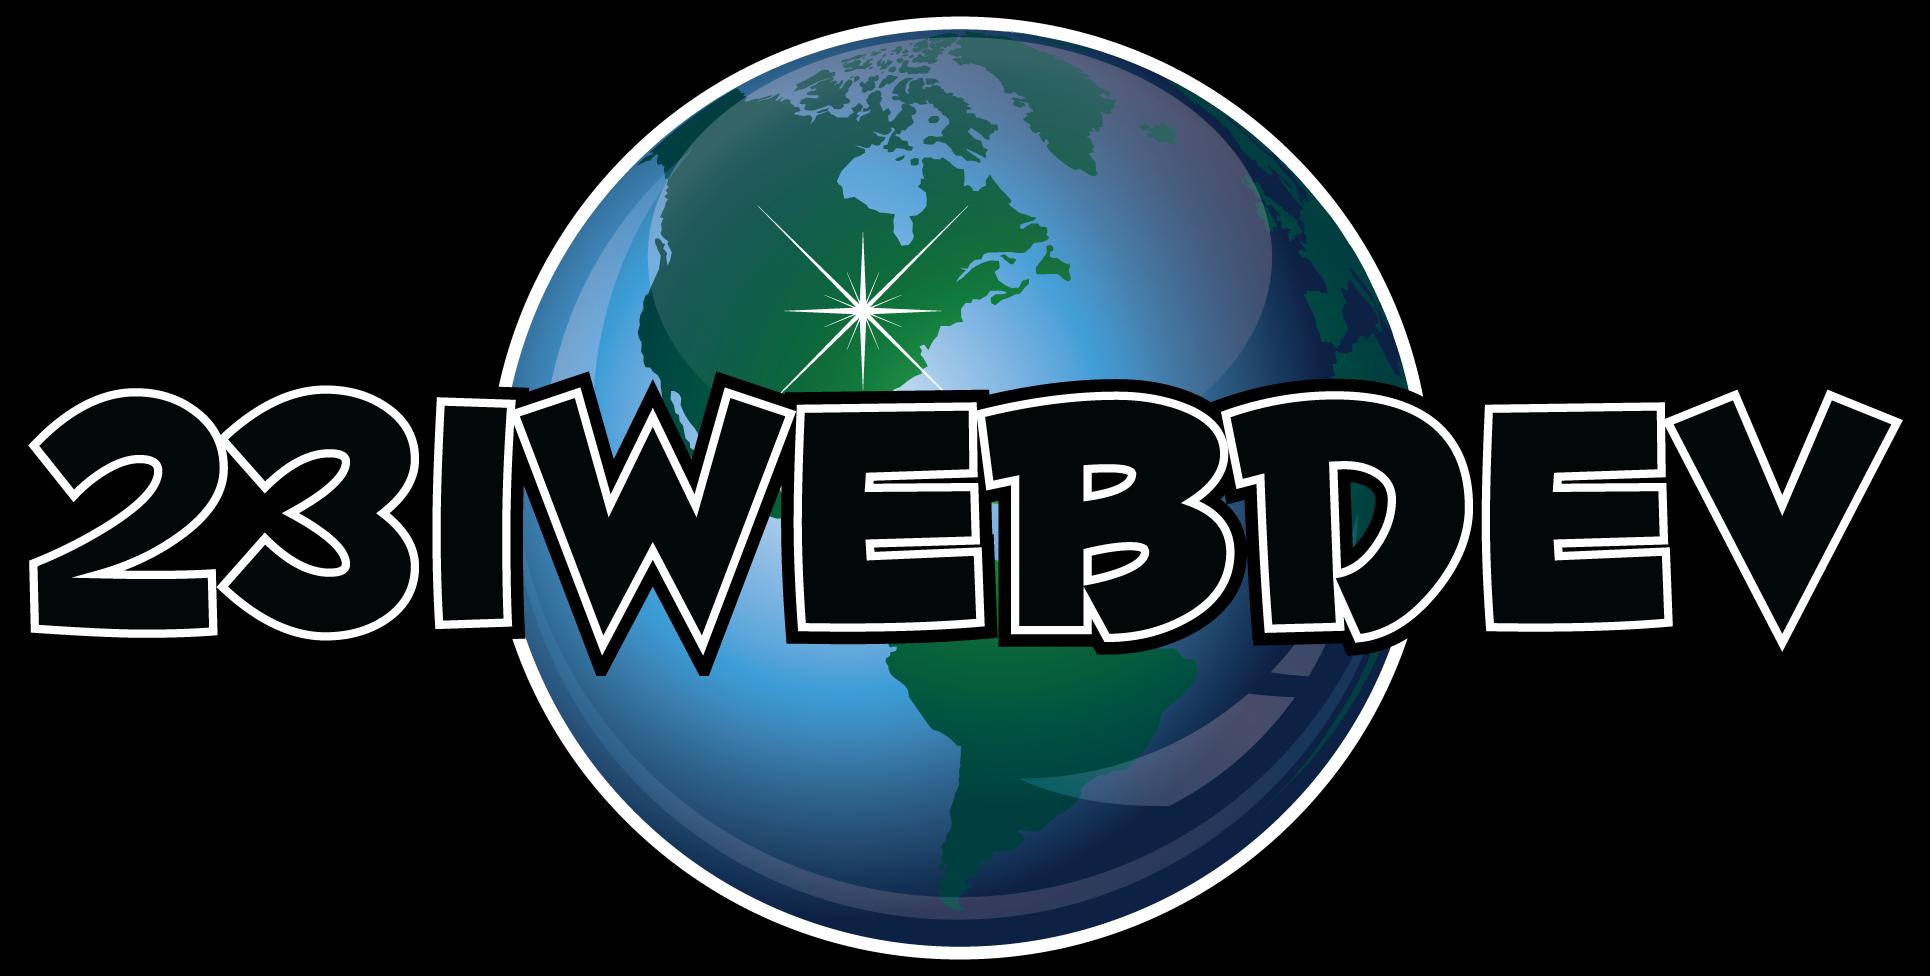 231webdev-104